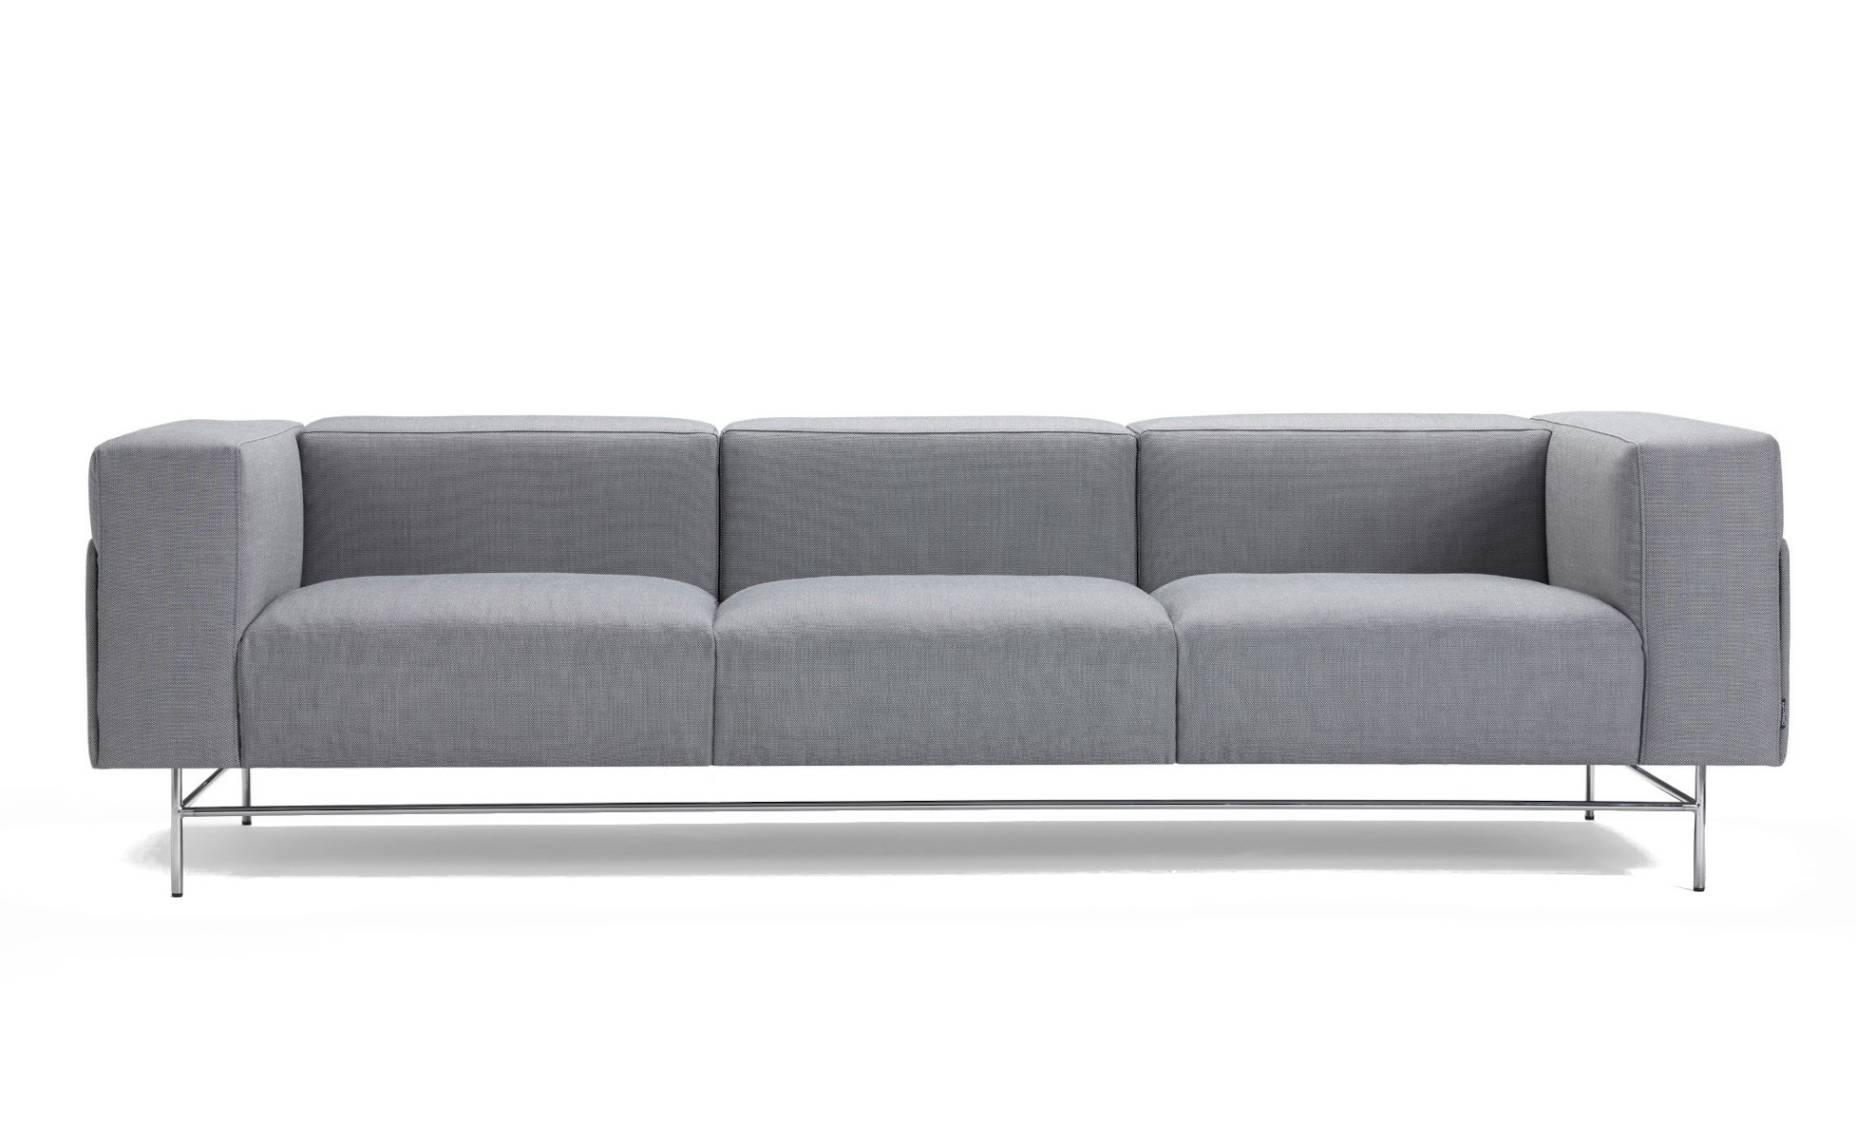 Offecct Avignon Loungesofa Design by Christophe Pillet Freisteller